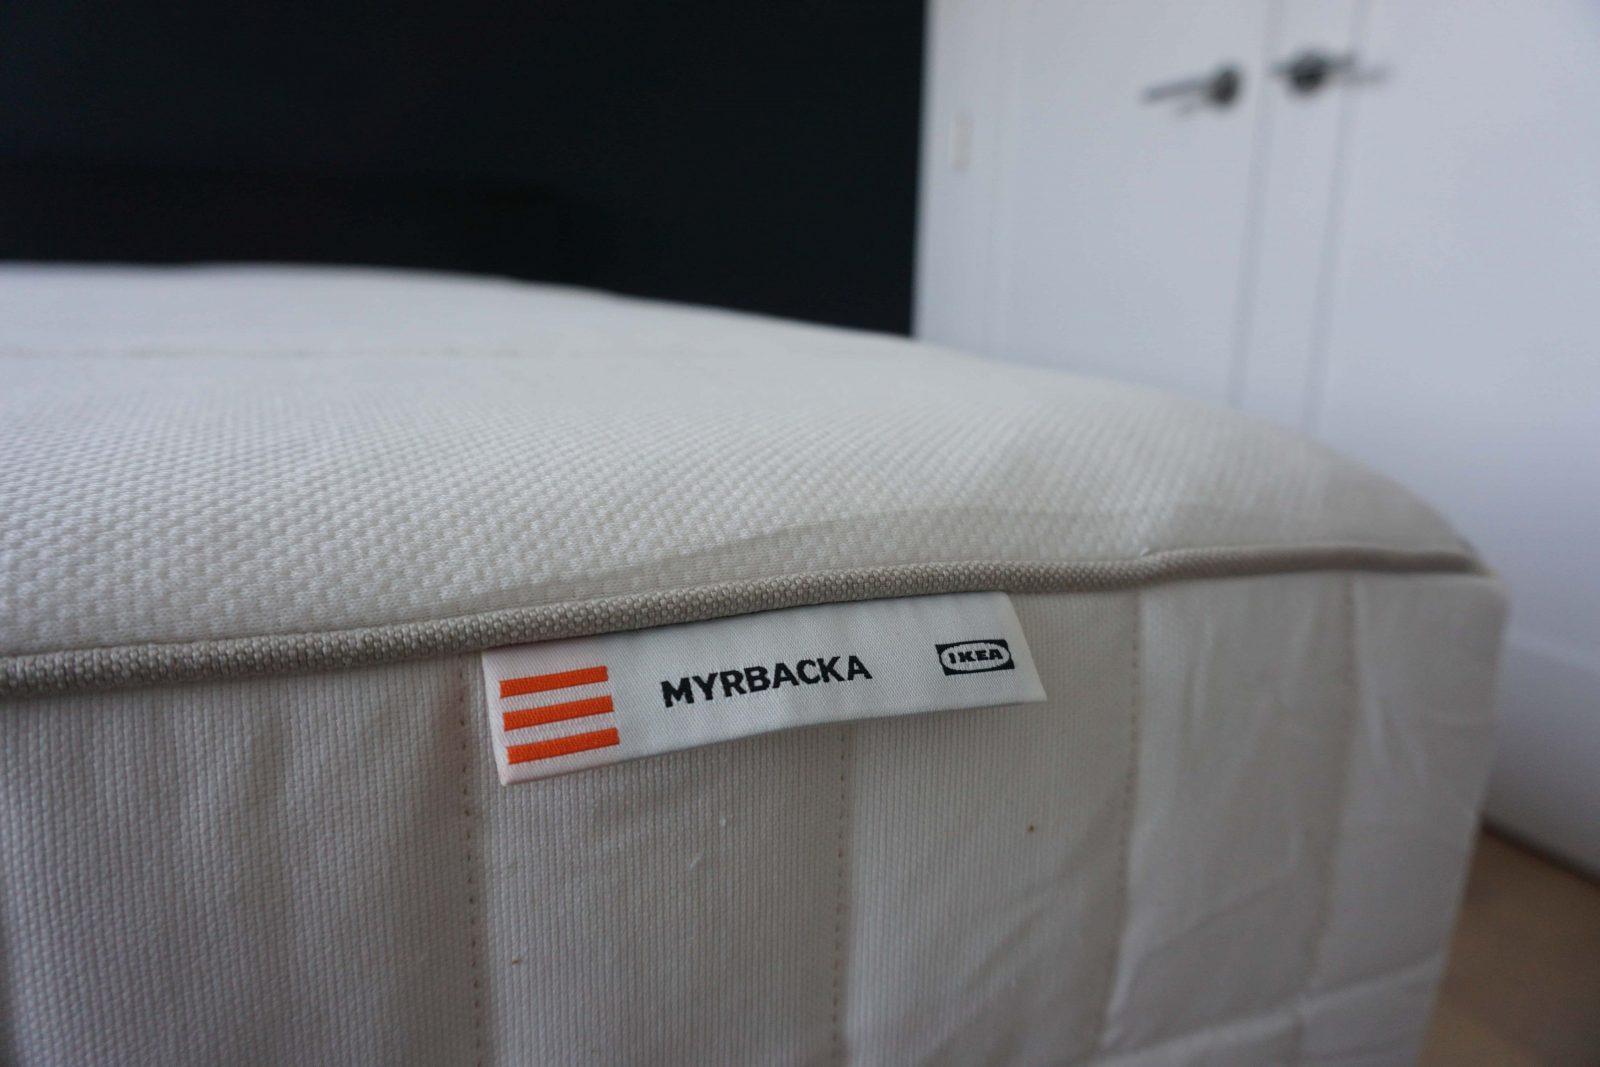 Ikea Matratze Myrbacka Im Test (2018)  Matratzencheck24 von Matratze Ikea Zurückgeben Photo